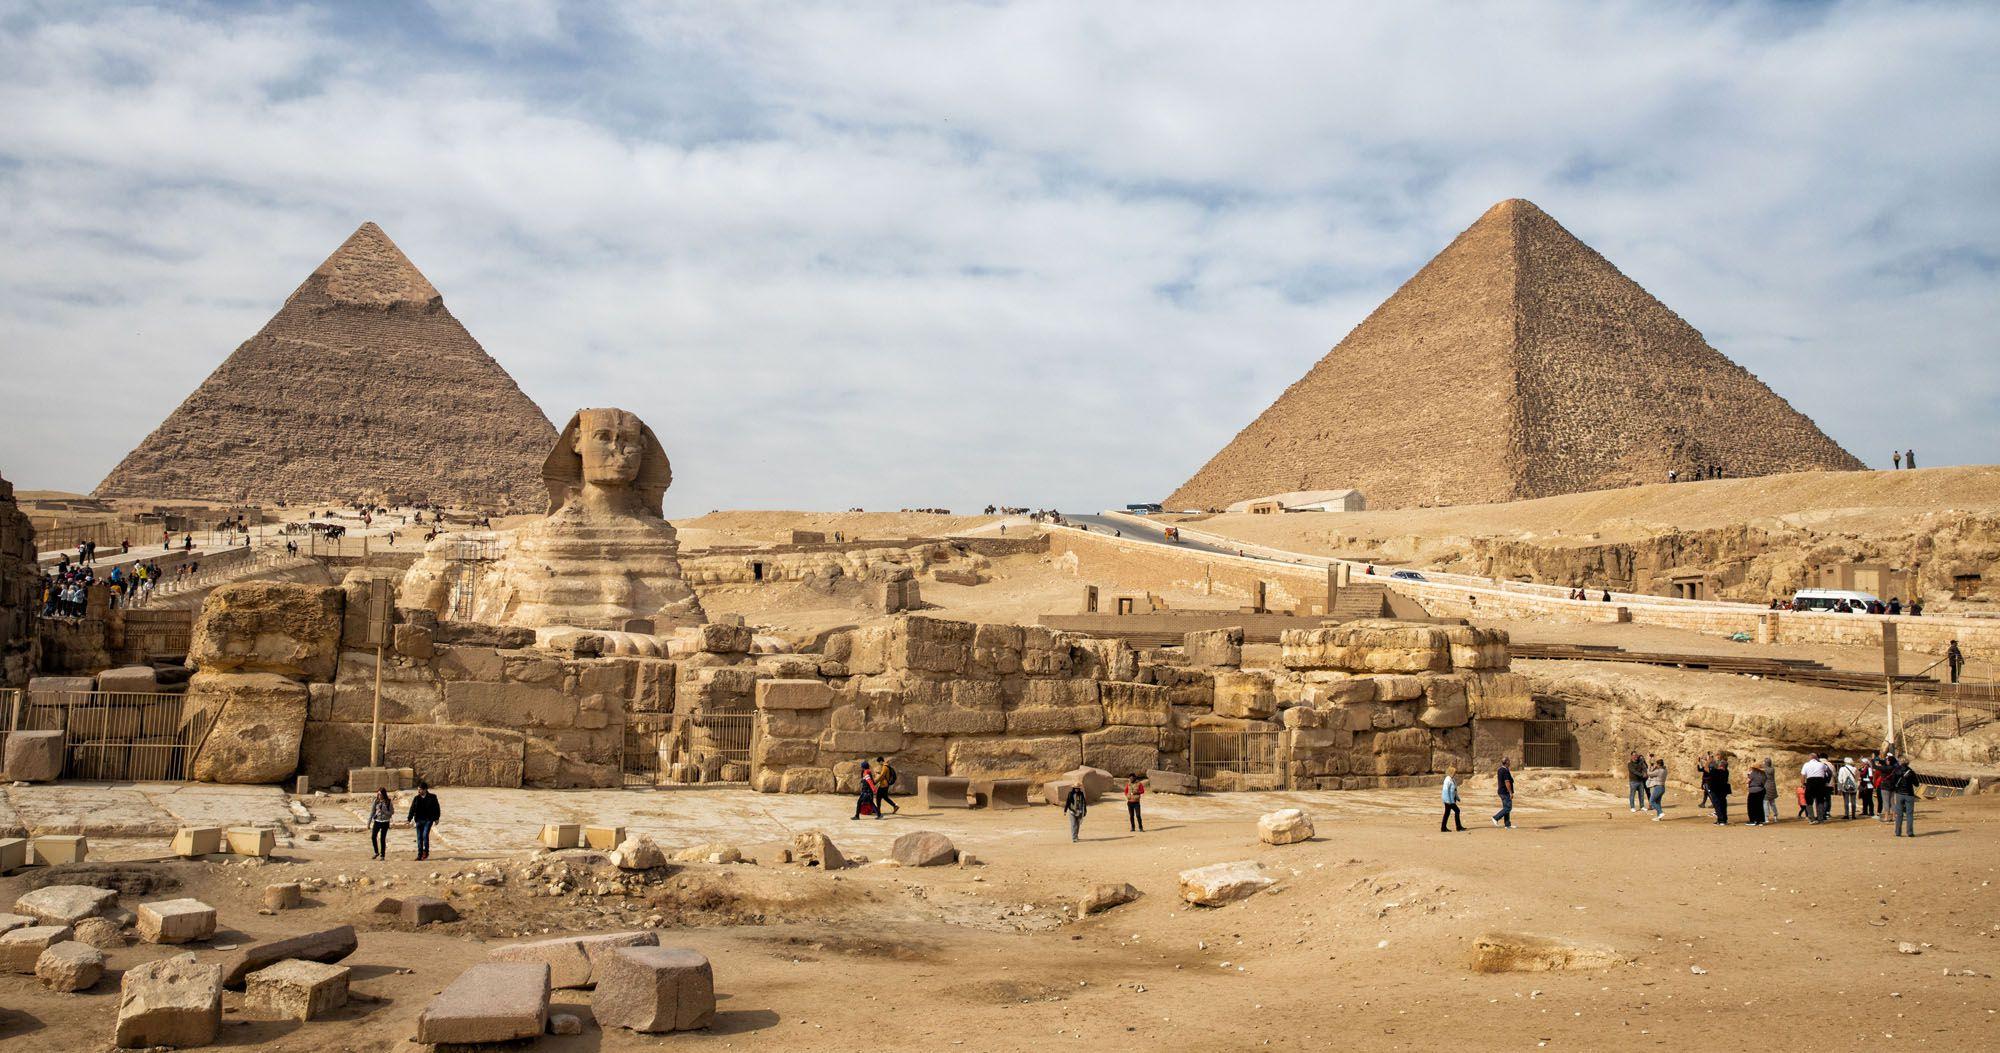 Pyramids of Giza Guide